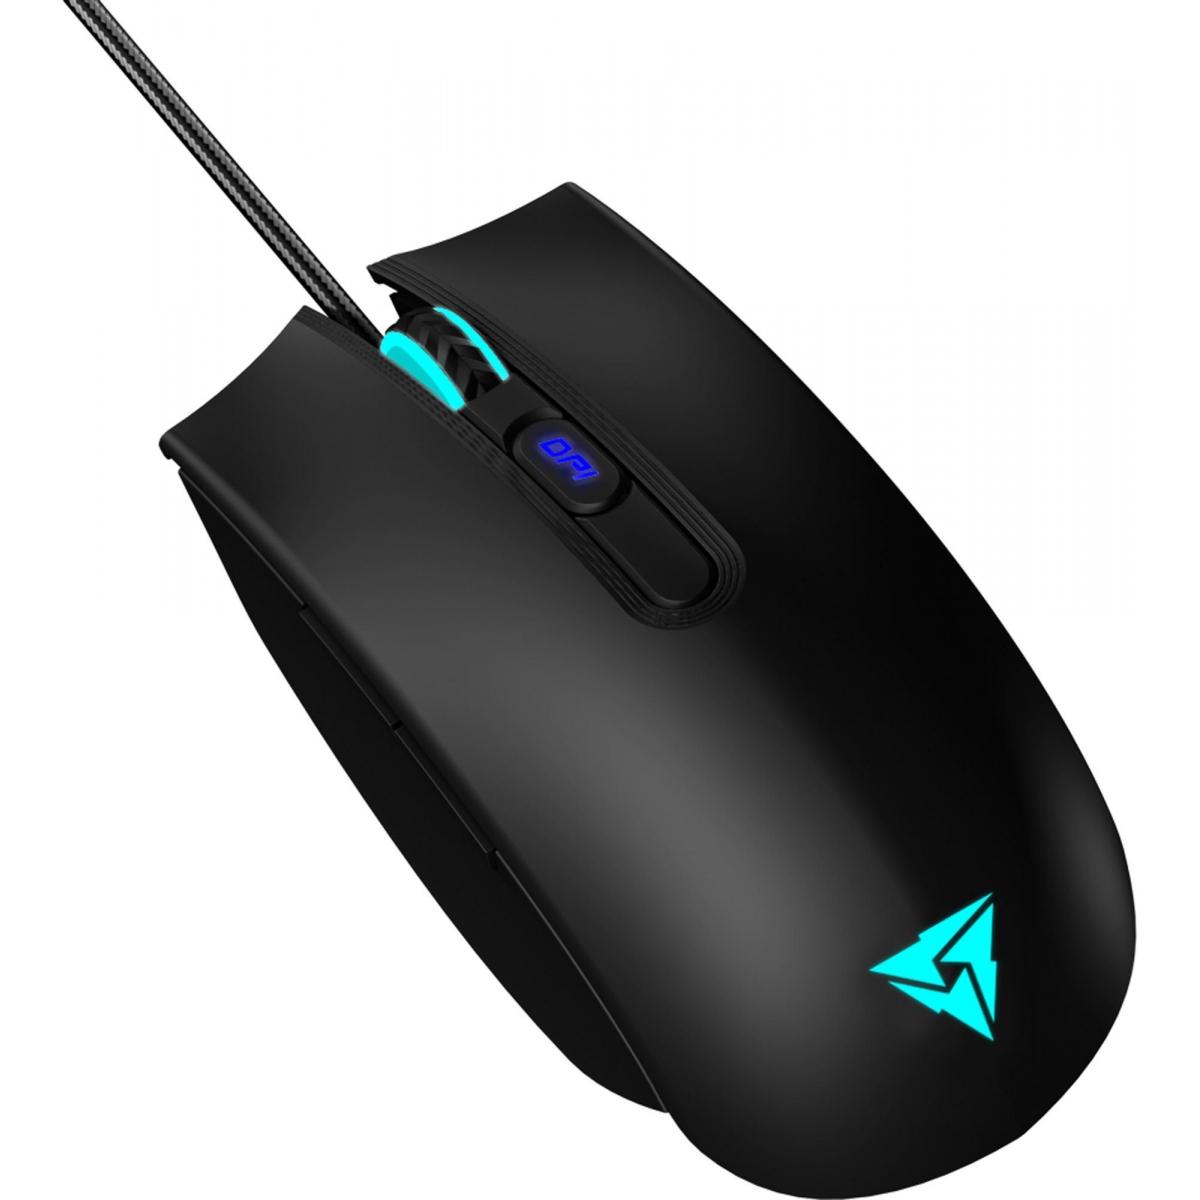 Mouse Gamer ThunderX3 TM25 RGB 4000DPI